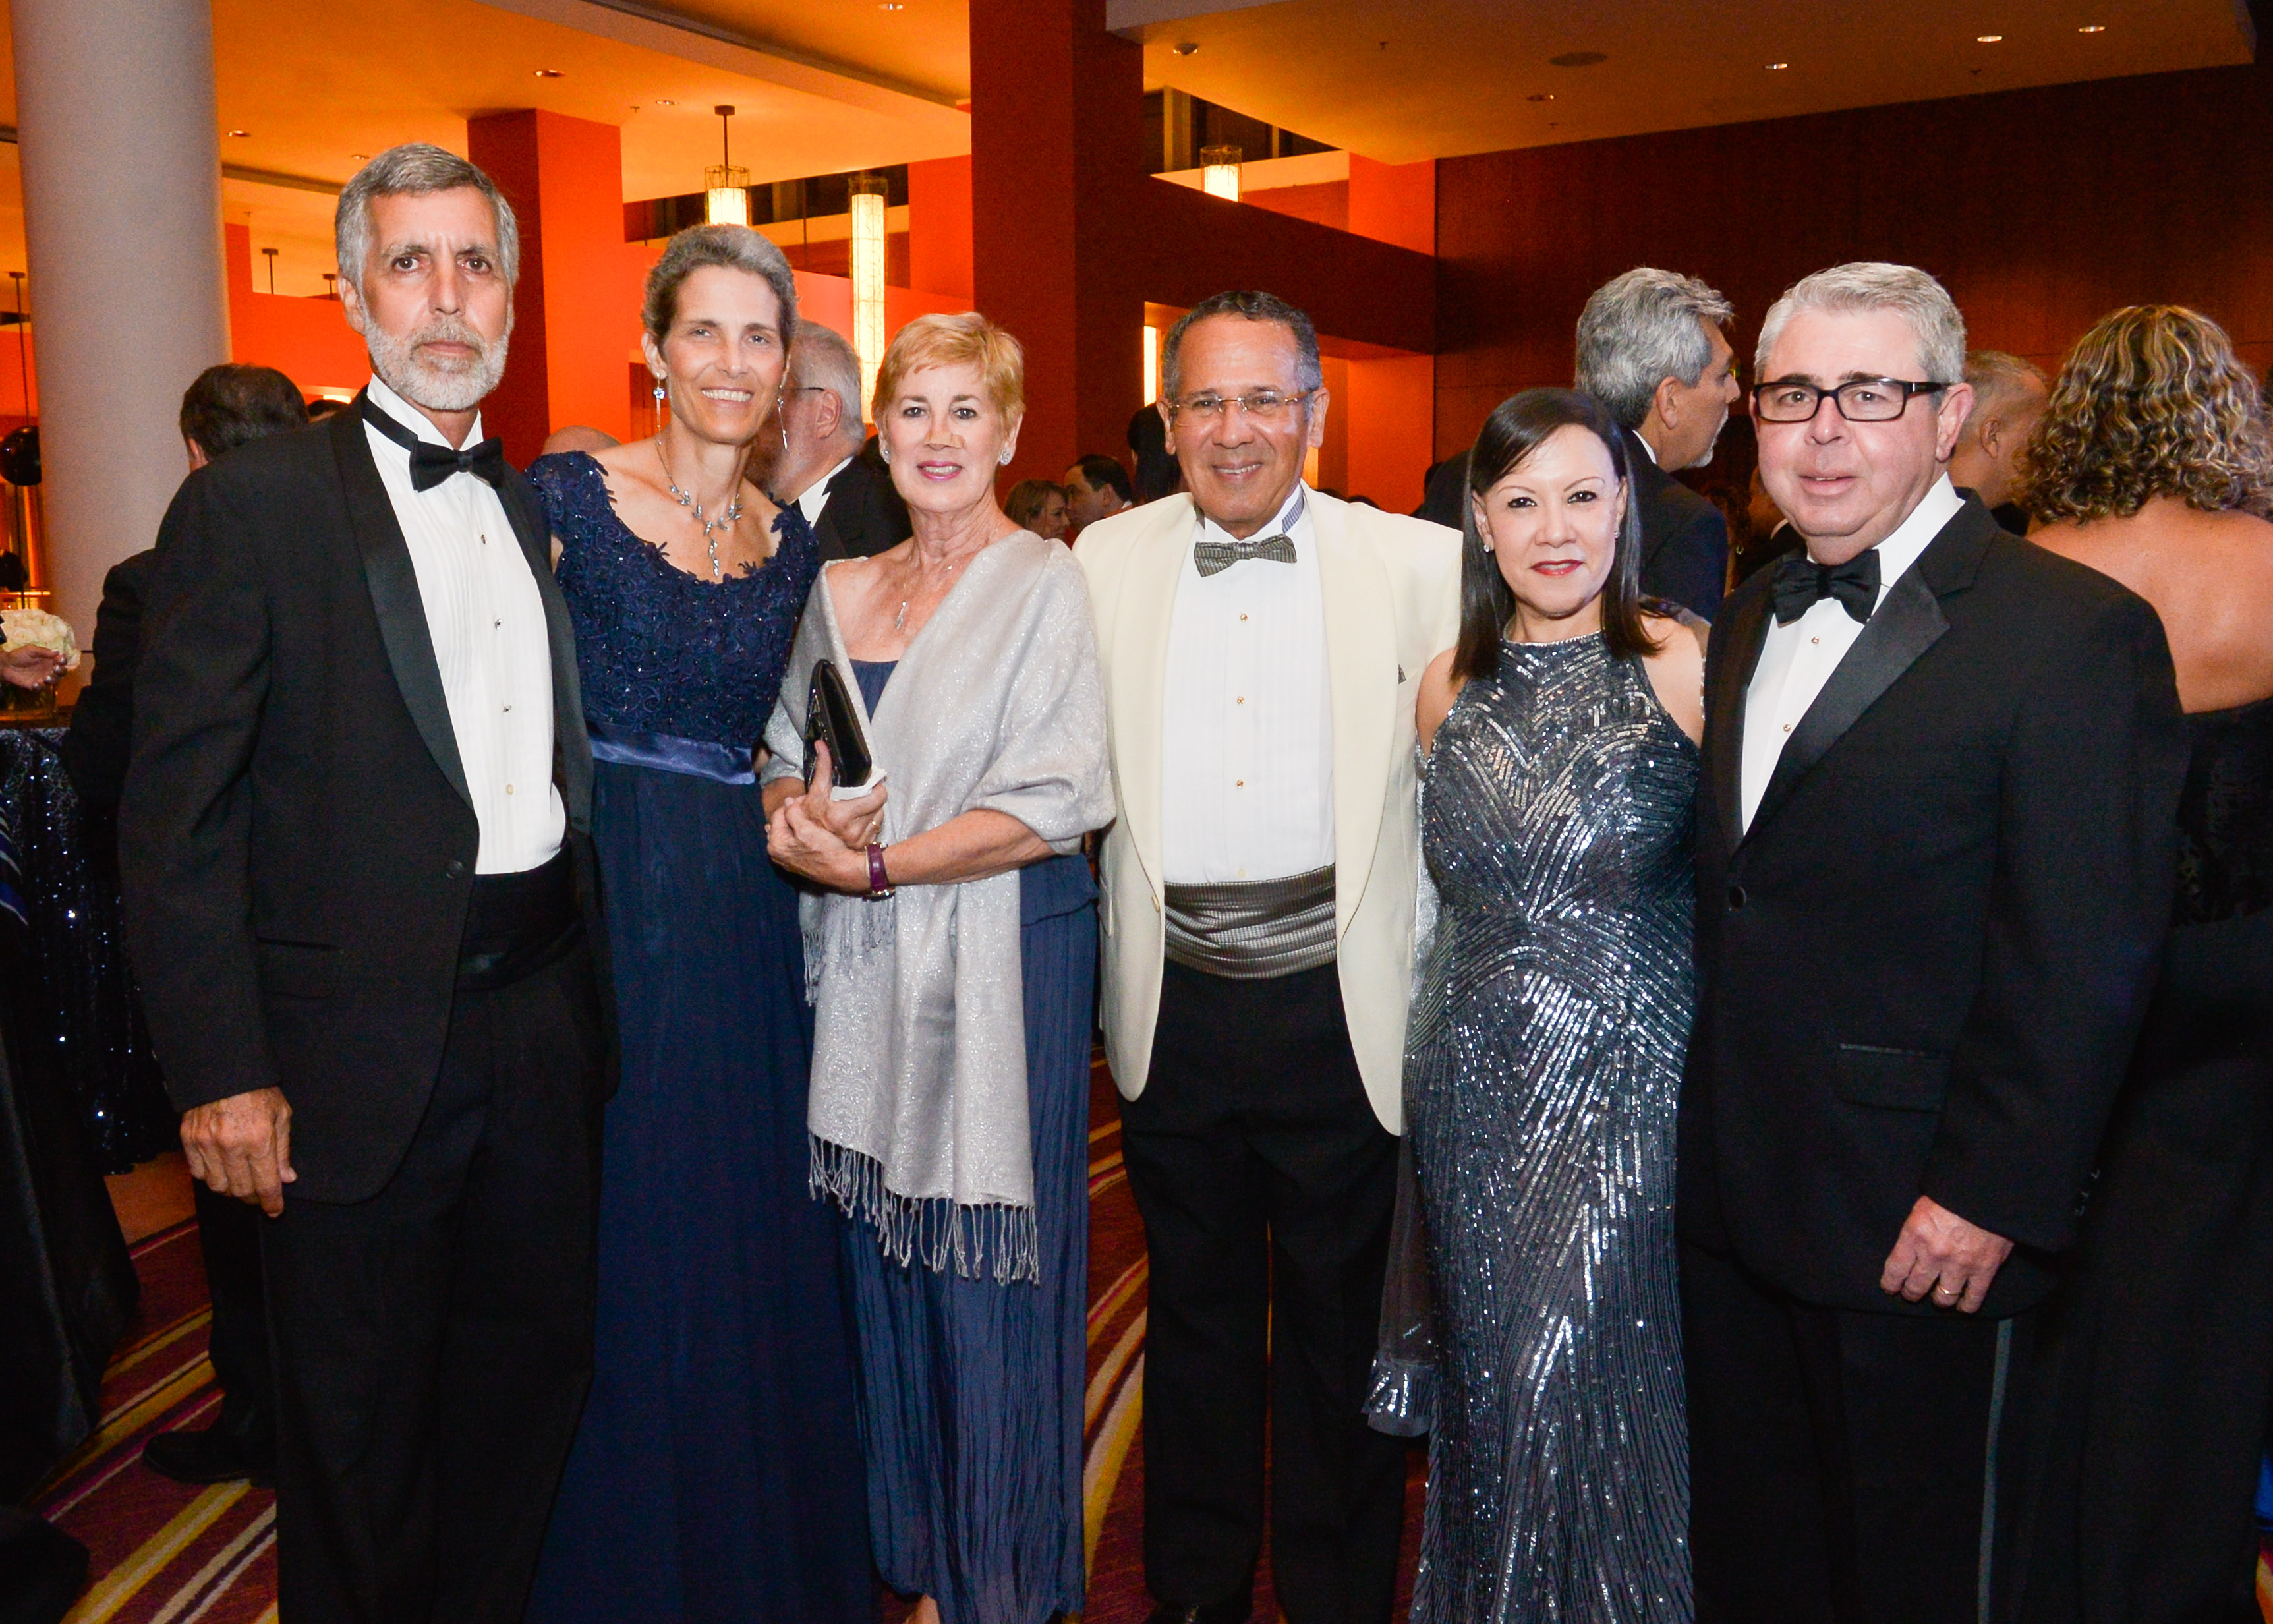 John Lombardo, Sylvia Locher, Áurea y Julio Soto, con Lourdes y Aniceto Solares. (Enid M. Salgado-Mercado)